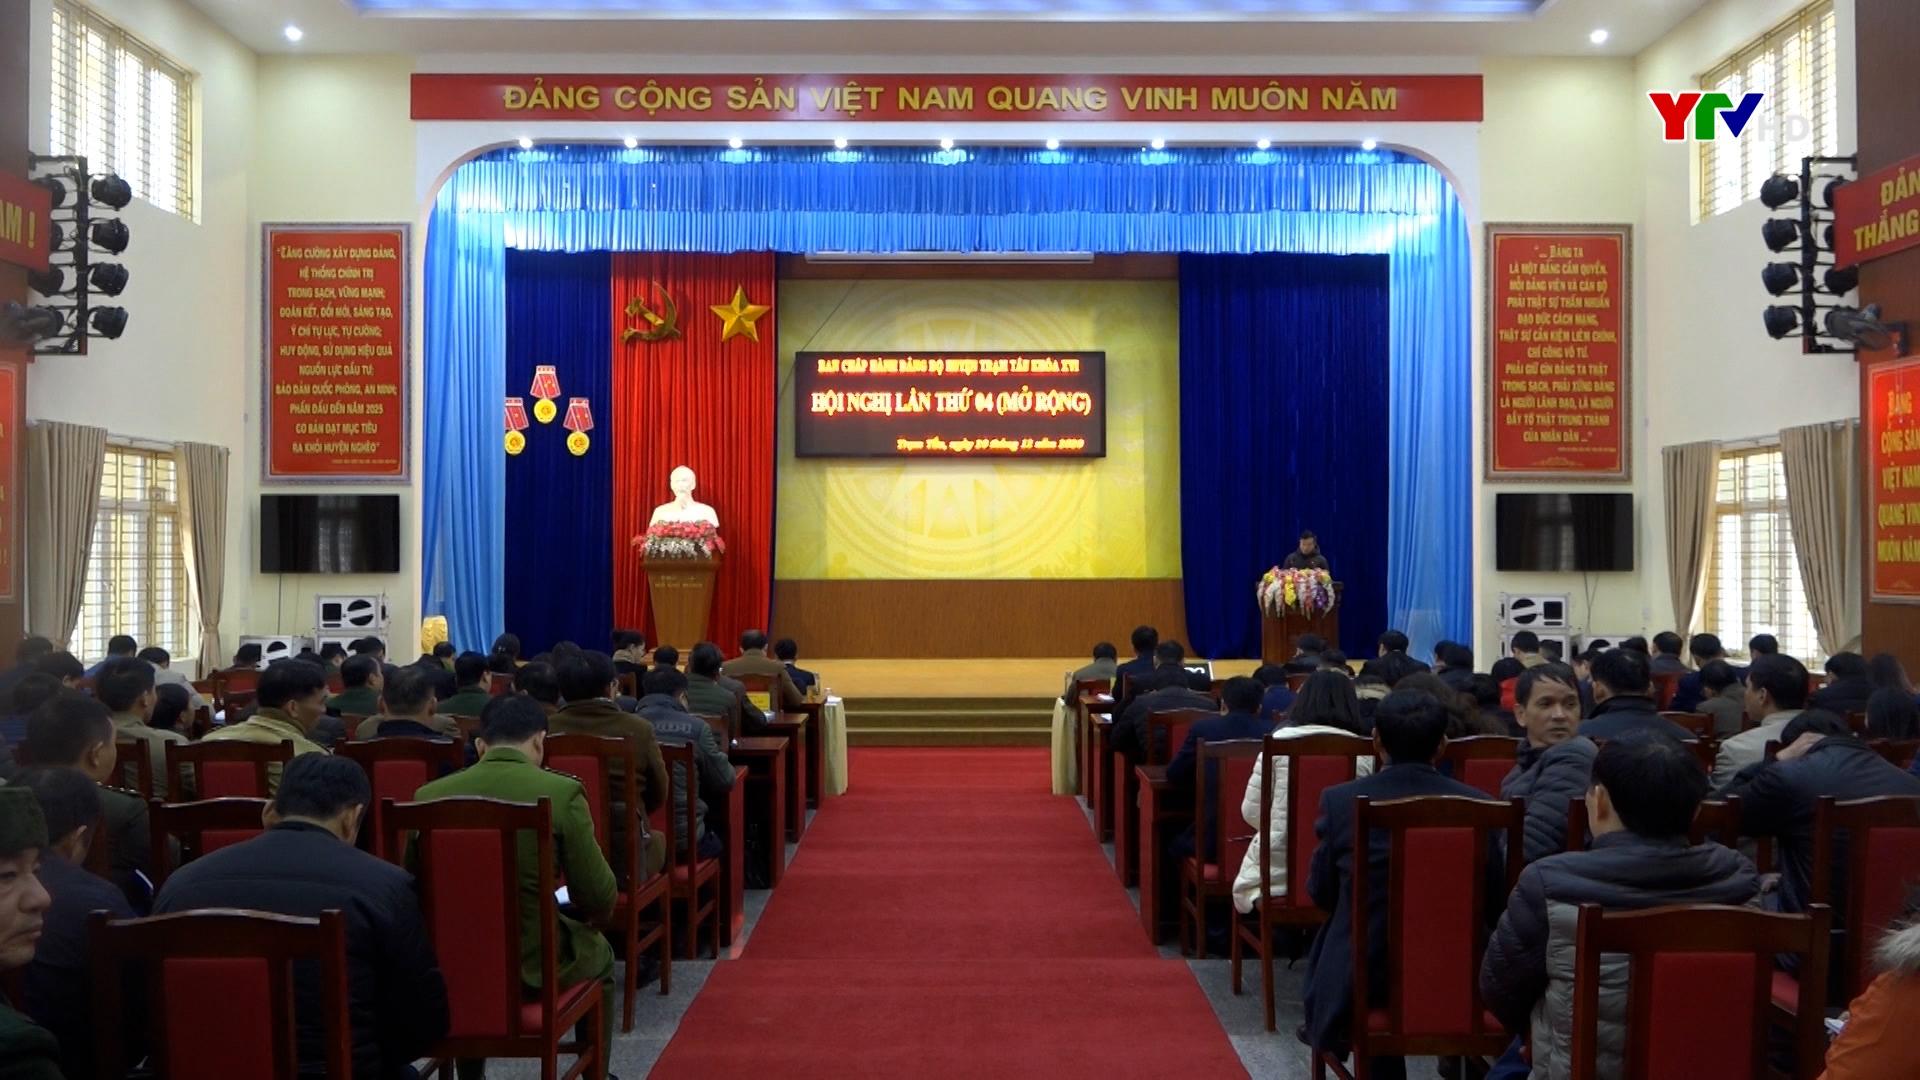 Hội nghị lần thứ 4 - BCH Đảng bộ huyện Trạm Tấu khóa XVI